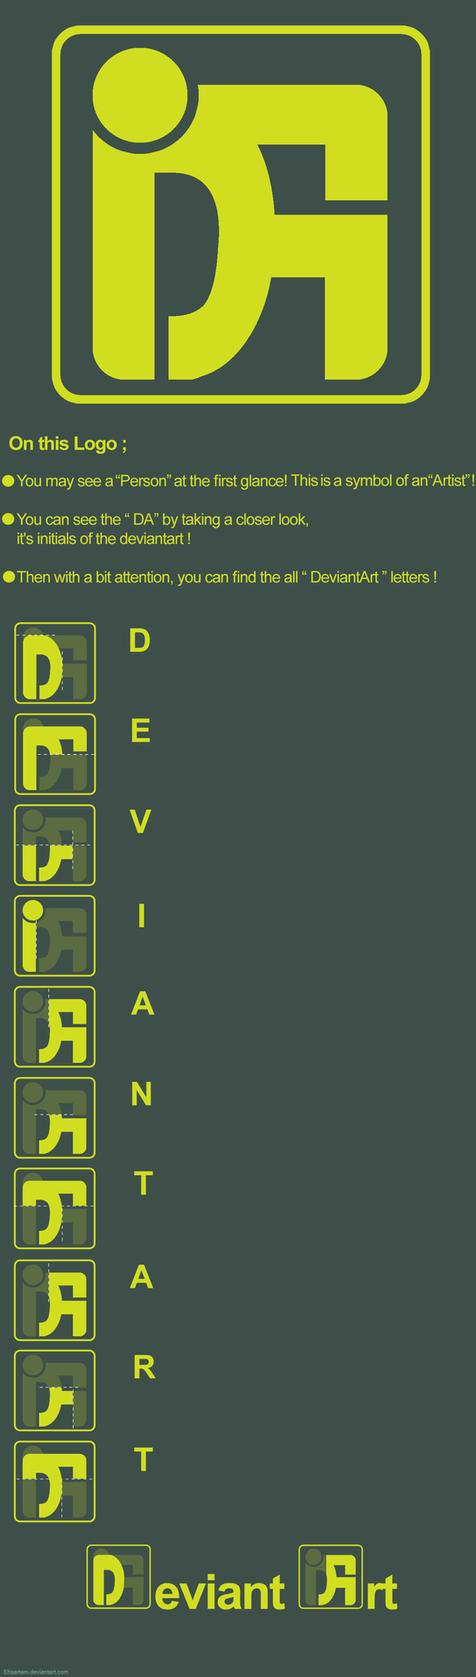 Special deviantart logo by Ehsartem